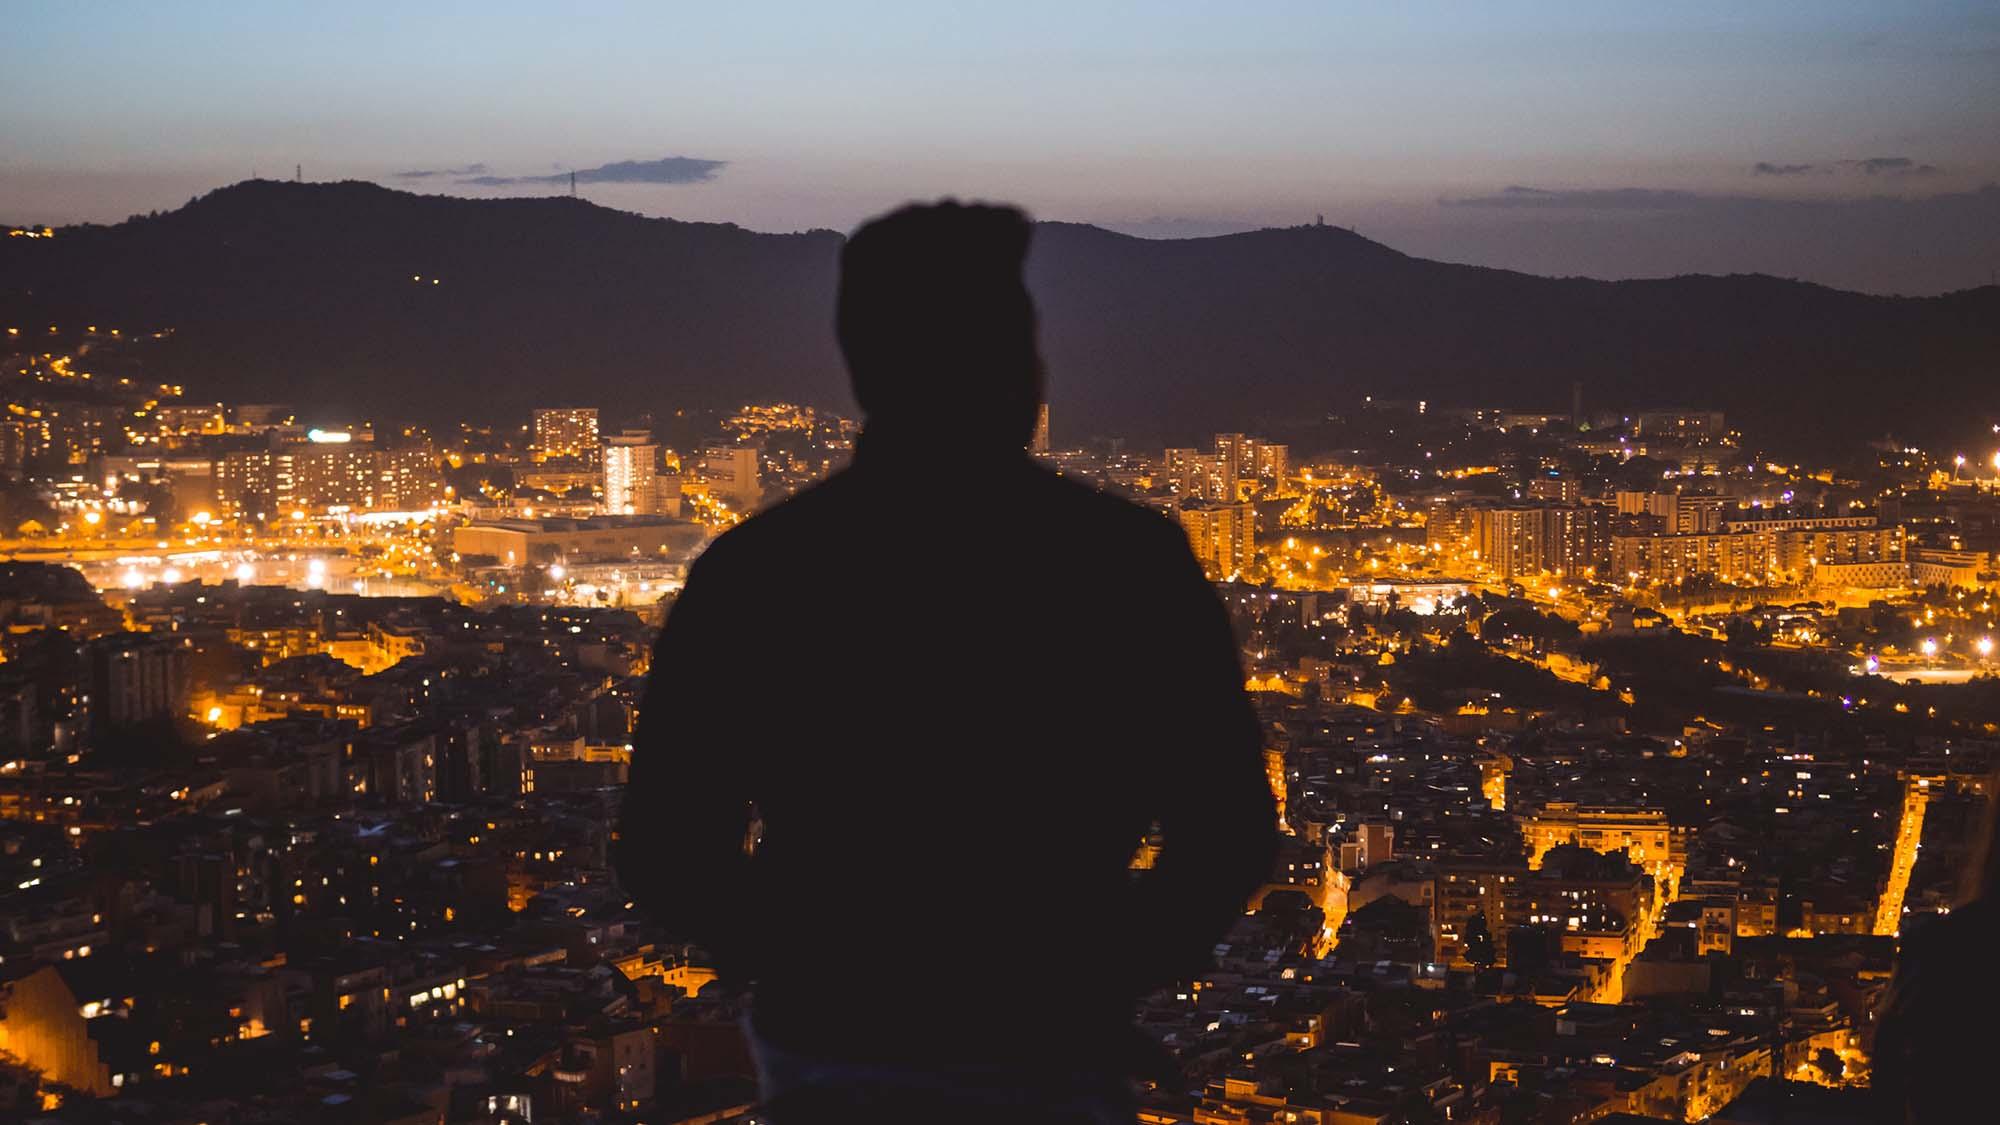 Investigadors i investigafores d'ISGlobal han estudiat els efectes de l'exposició nocturna a la llum blava. Foto de Wyron A Via Unsplash.